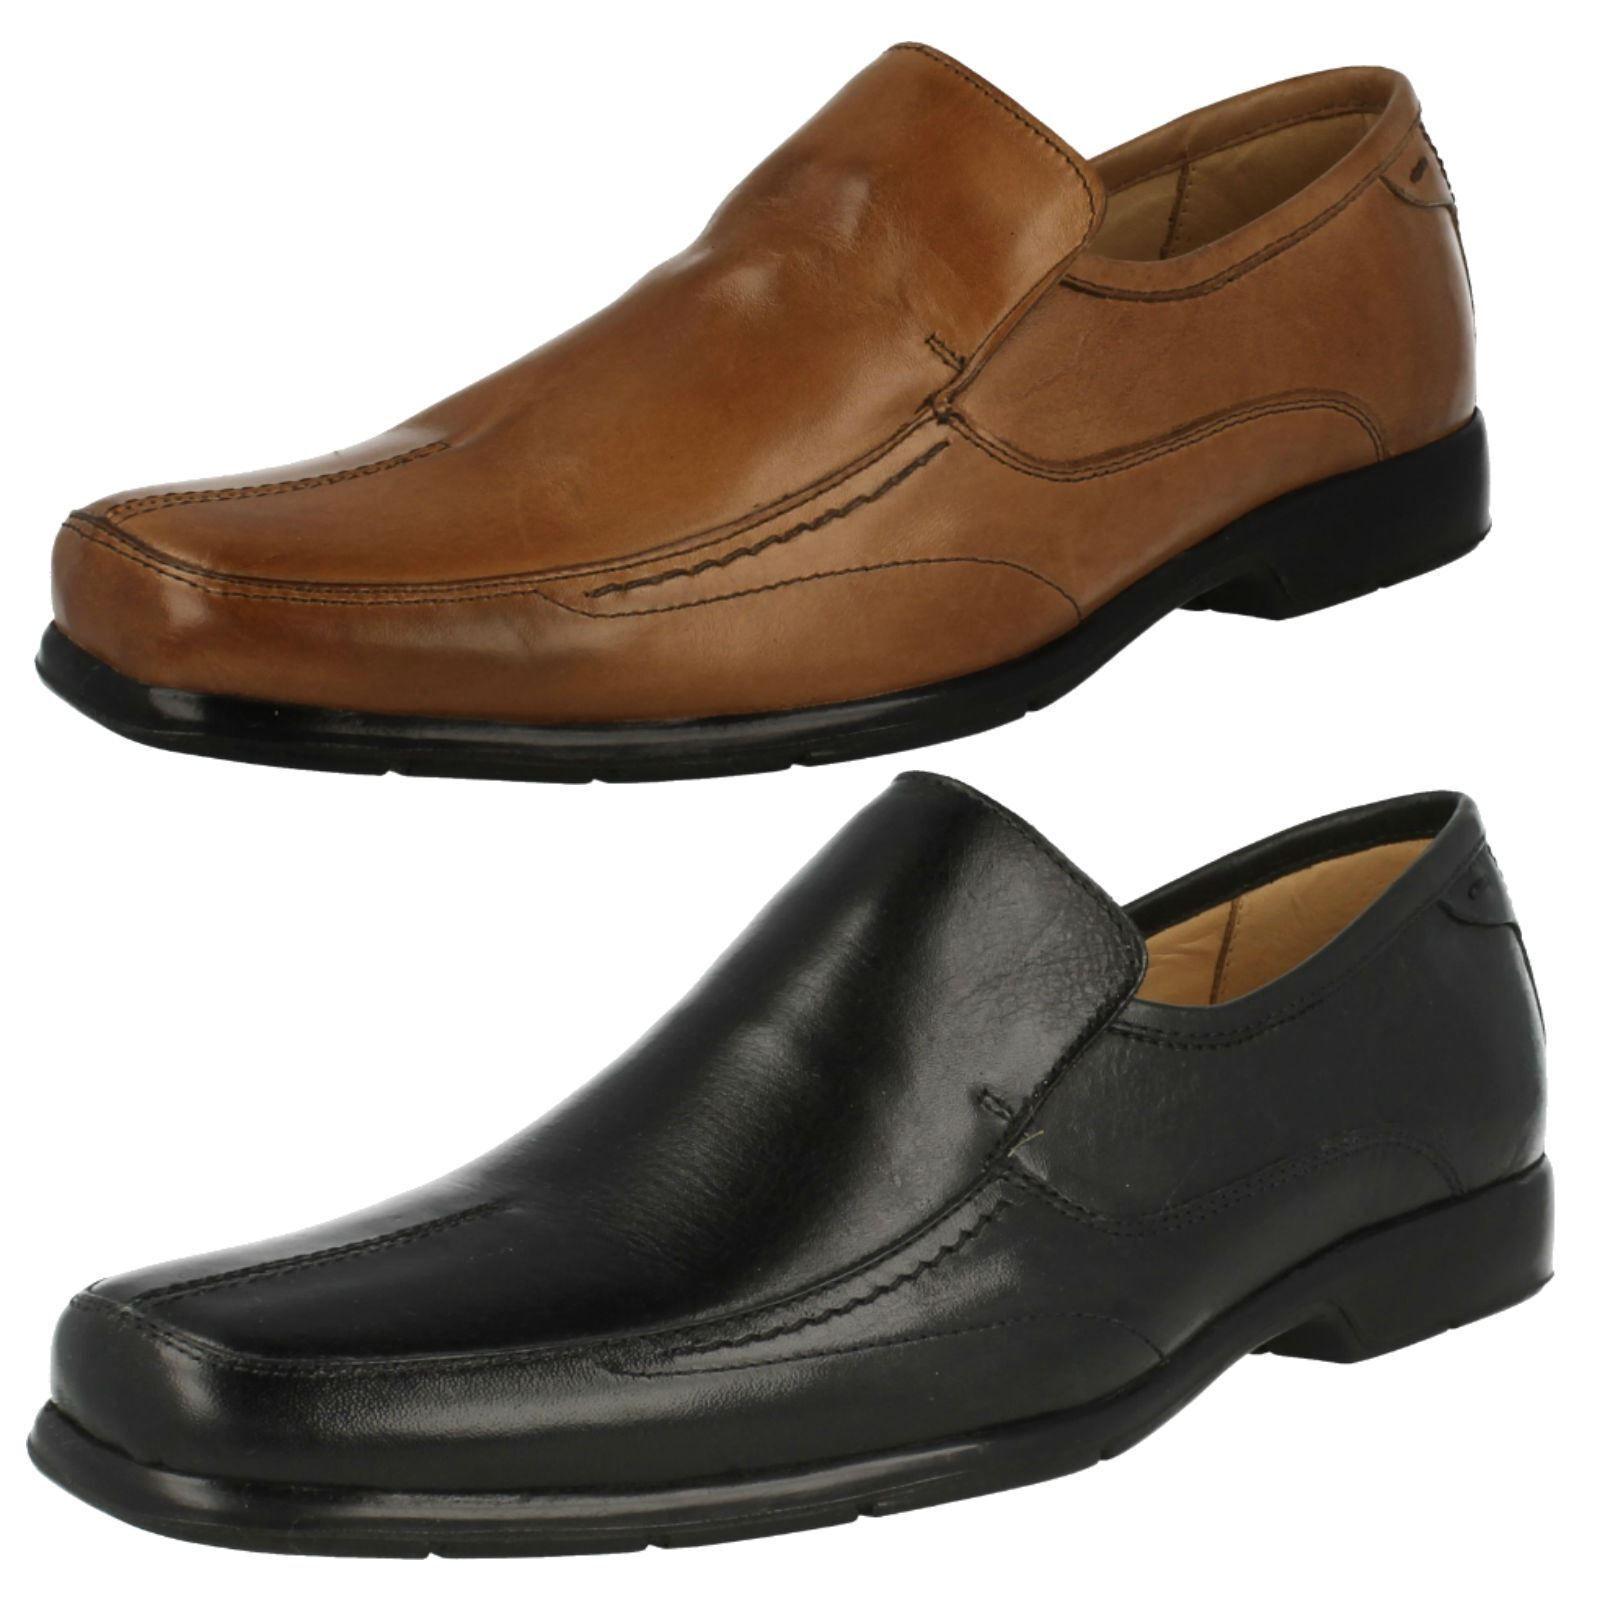 Petropolis - Mens Formal Slip On Leather Shoes 2 Colours- Black & Bronze!